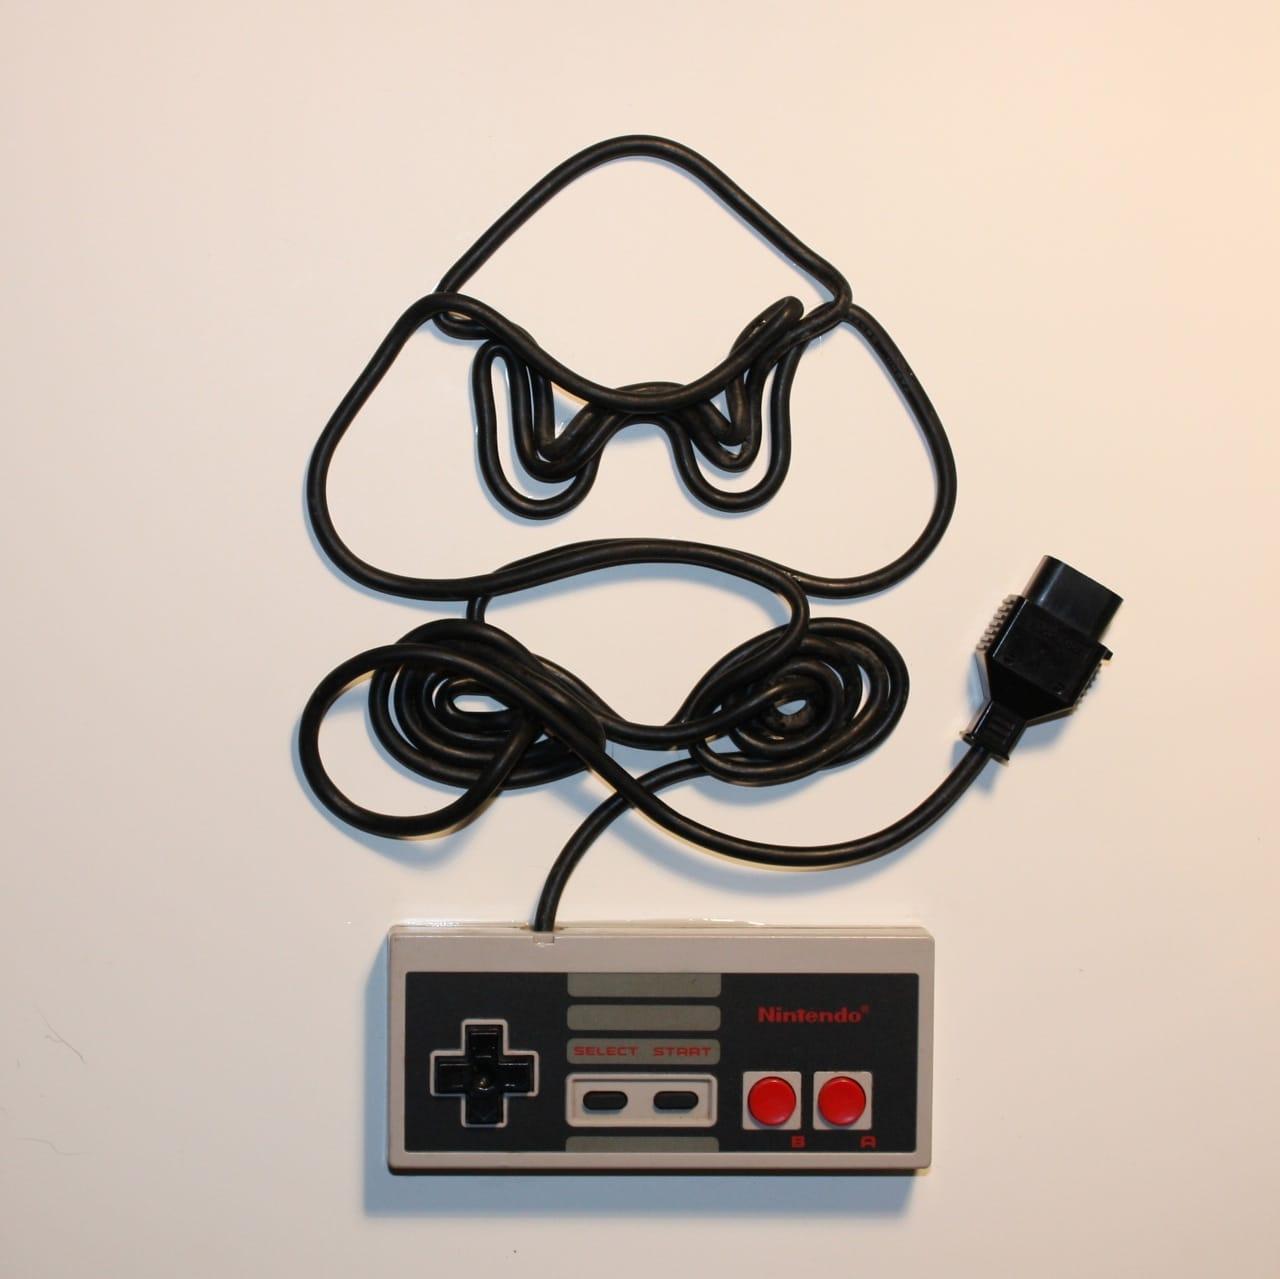 nintendo-art-controller-cords